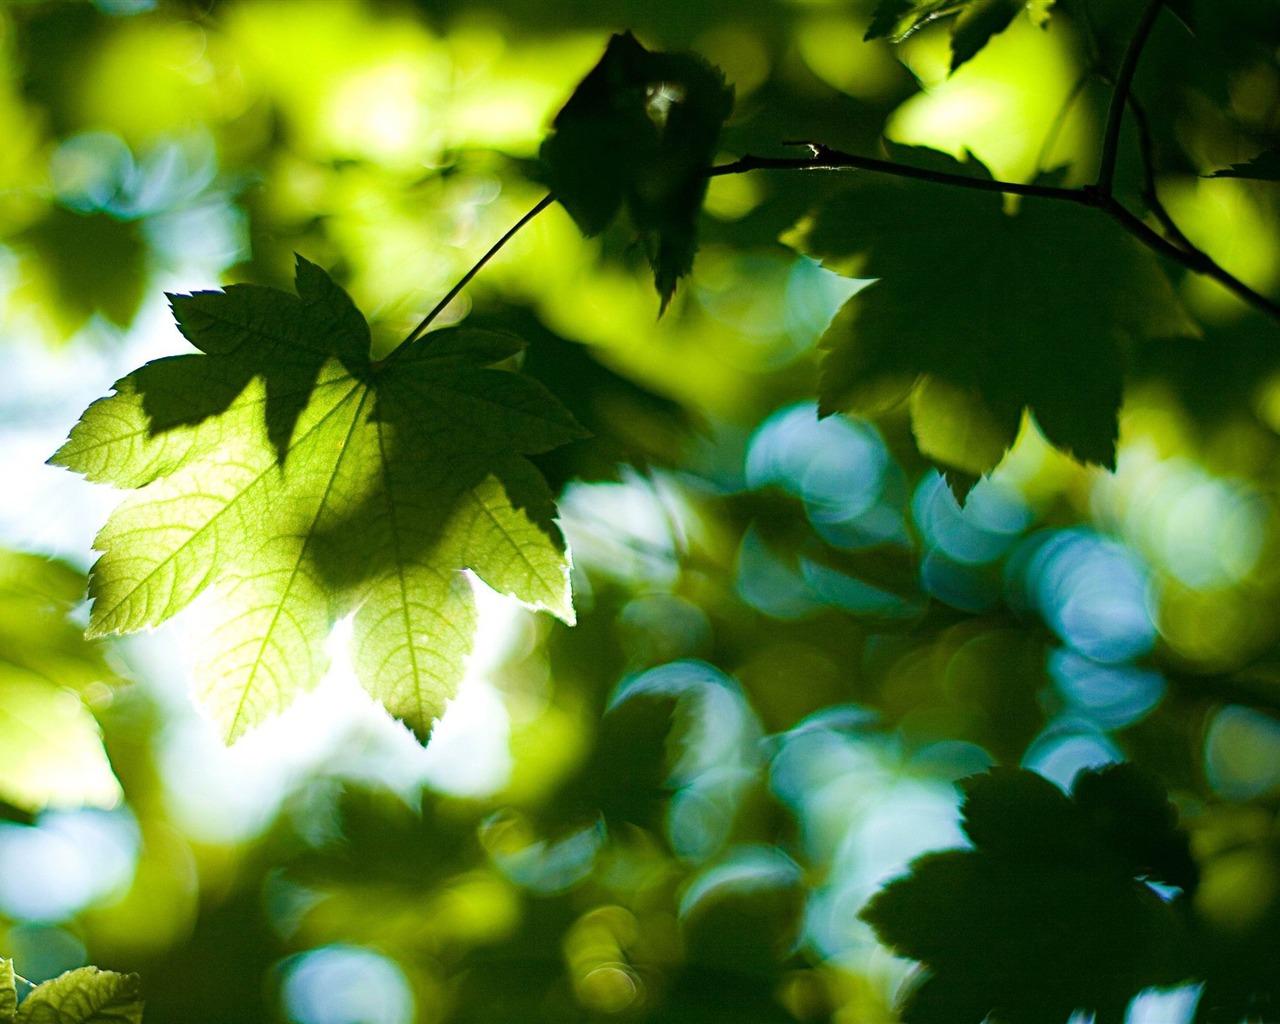 叶子-夏日自然高清壁纸 - 1280x1024 壁纸 下载图片